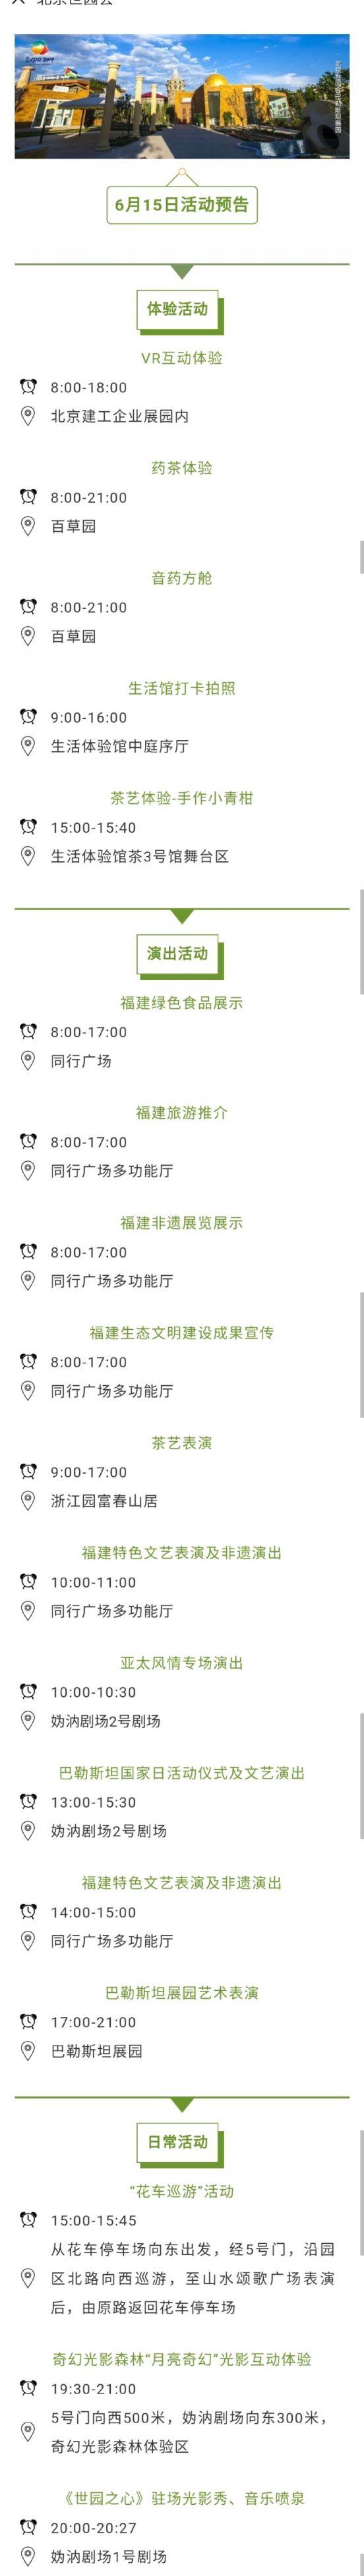 2019年6月15日北京世园会活动预告